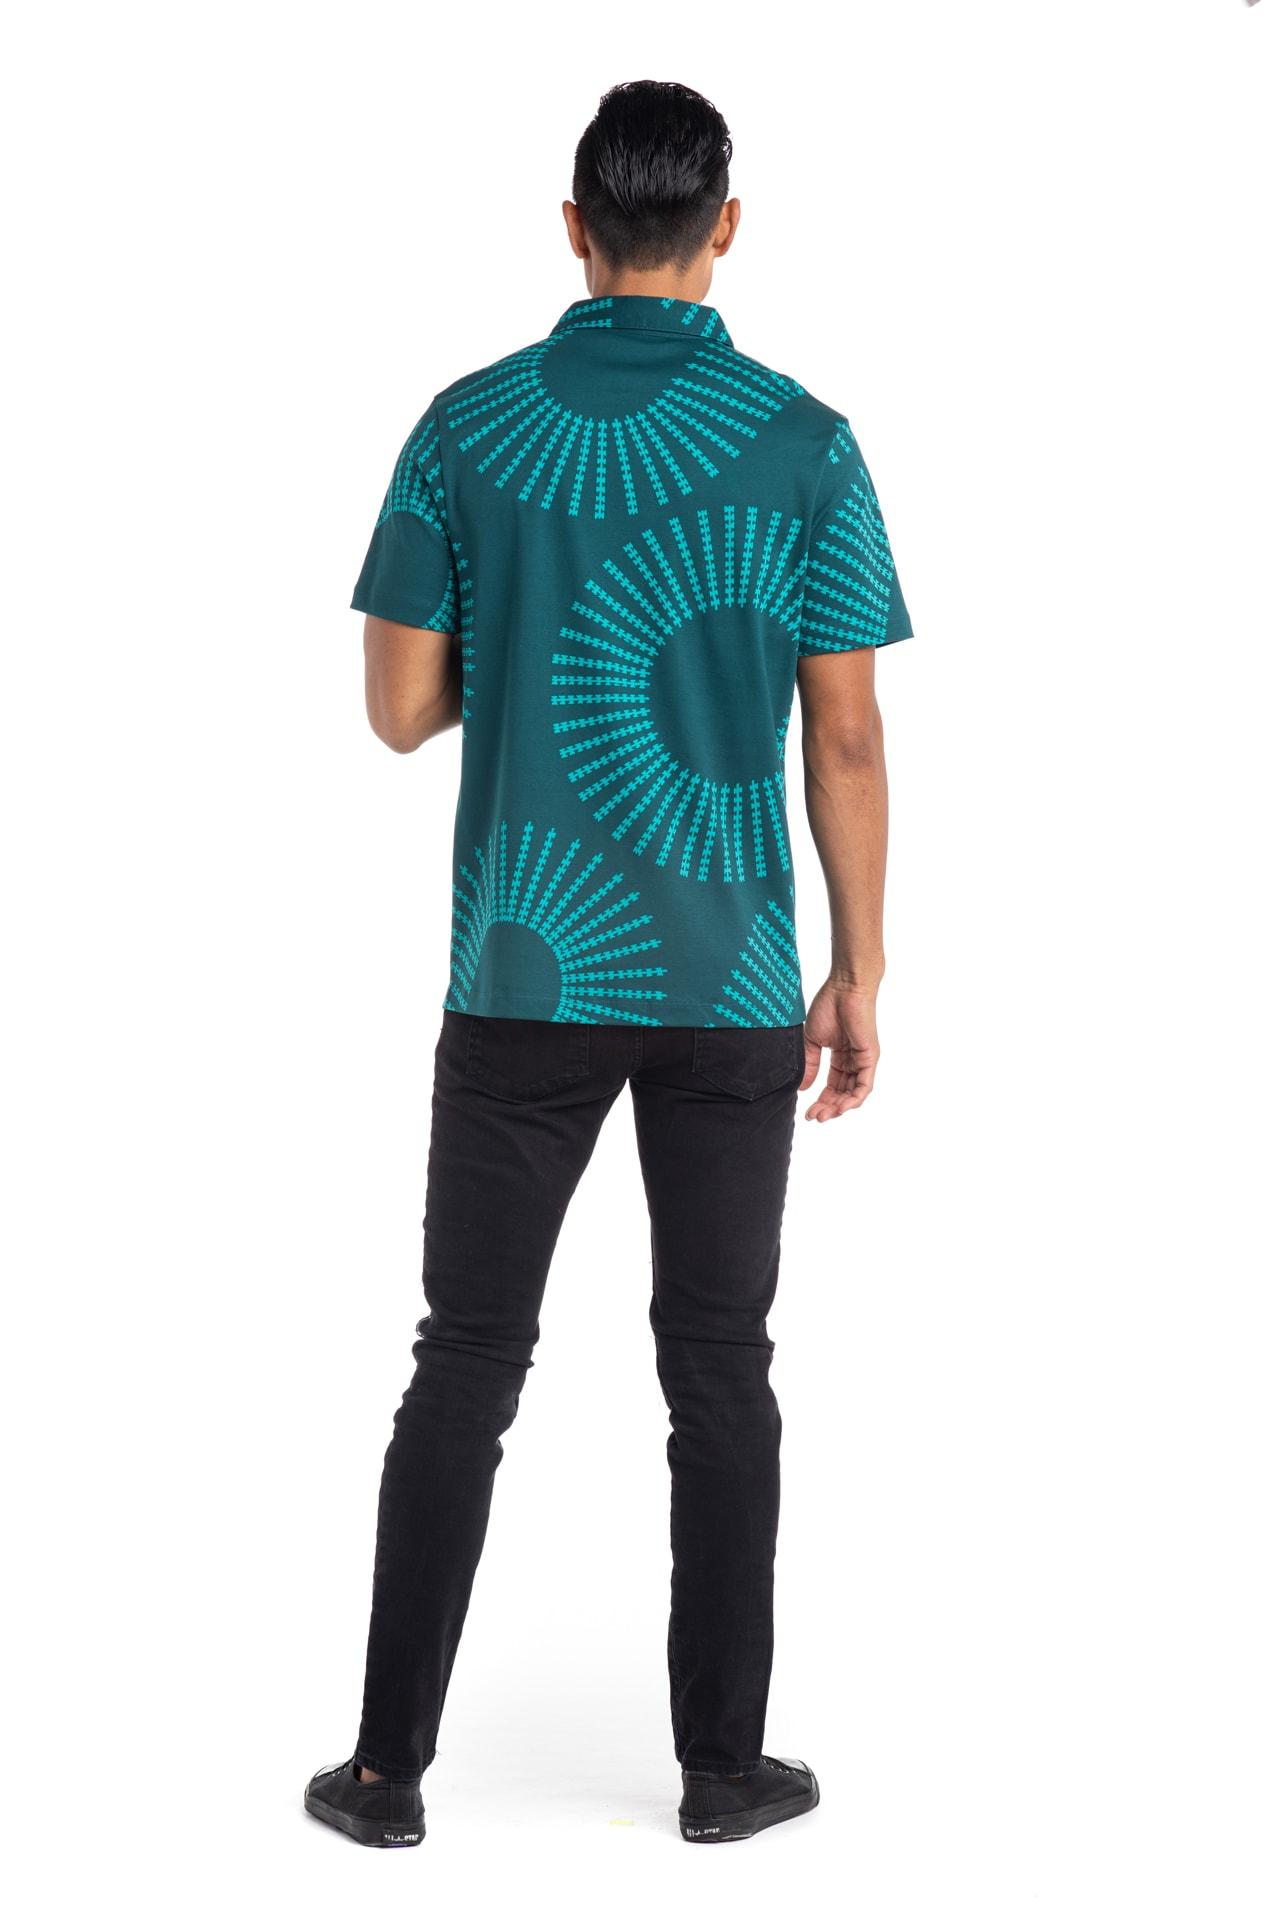 Male model wearing Waikii Polo in Blue Grass/Atlantic - Back View